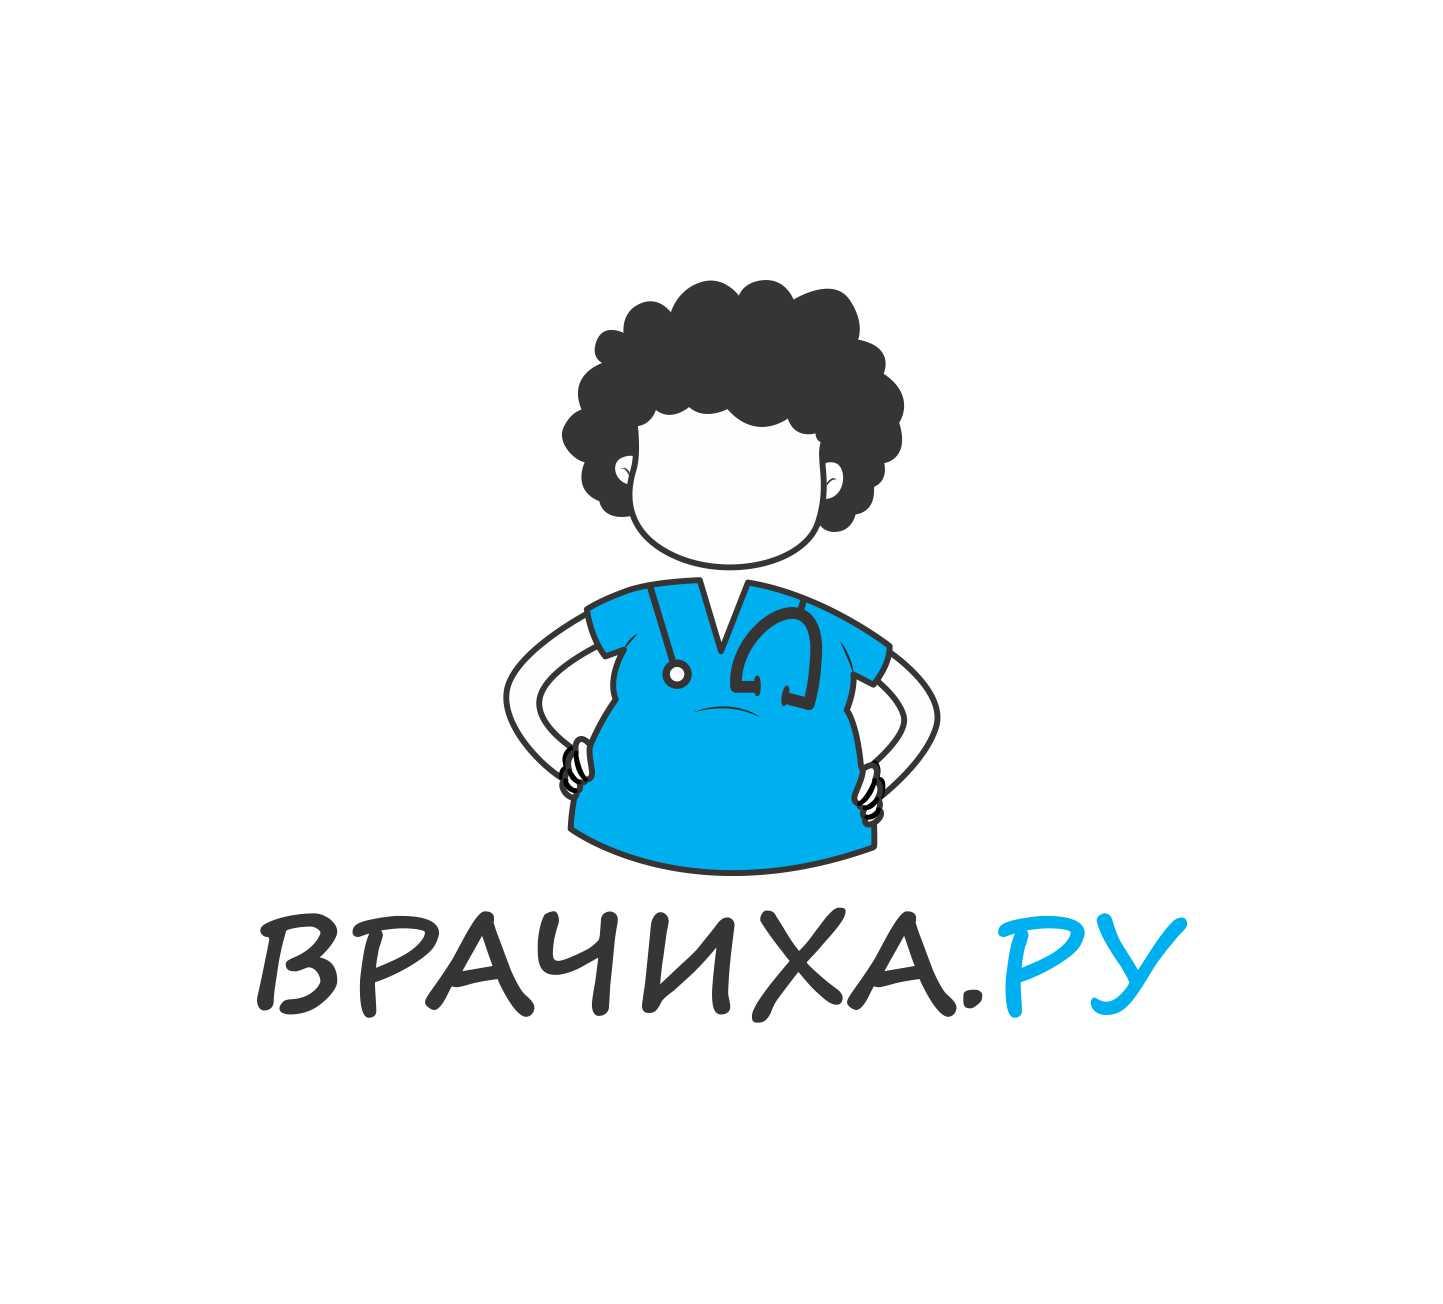 Необходимо разработать логотип для медицинского портала фото f_1615bfe360d6d876.jpg